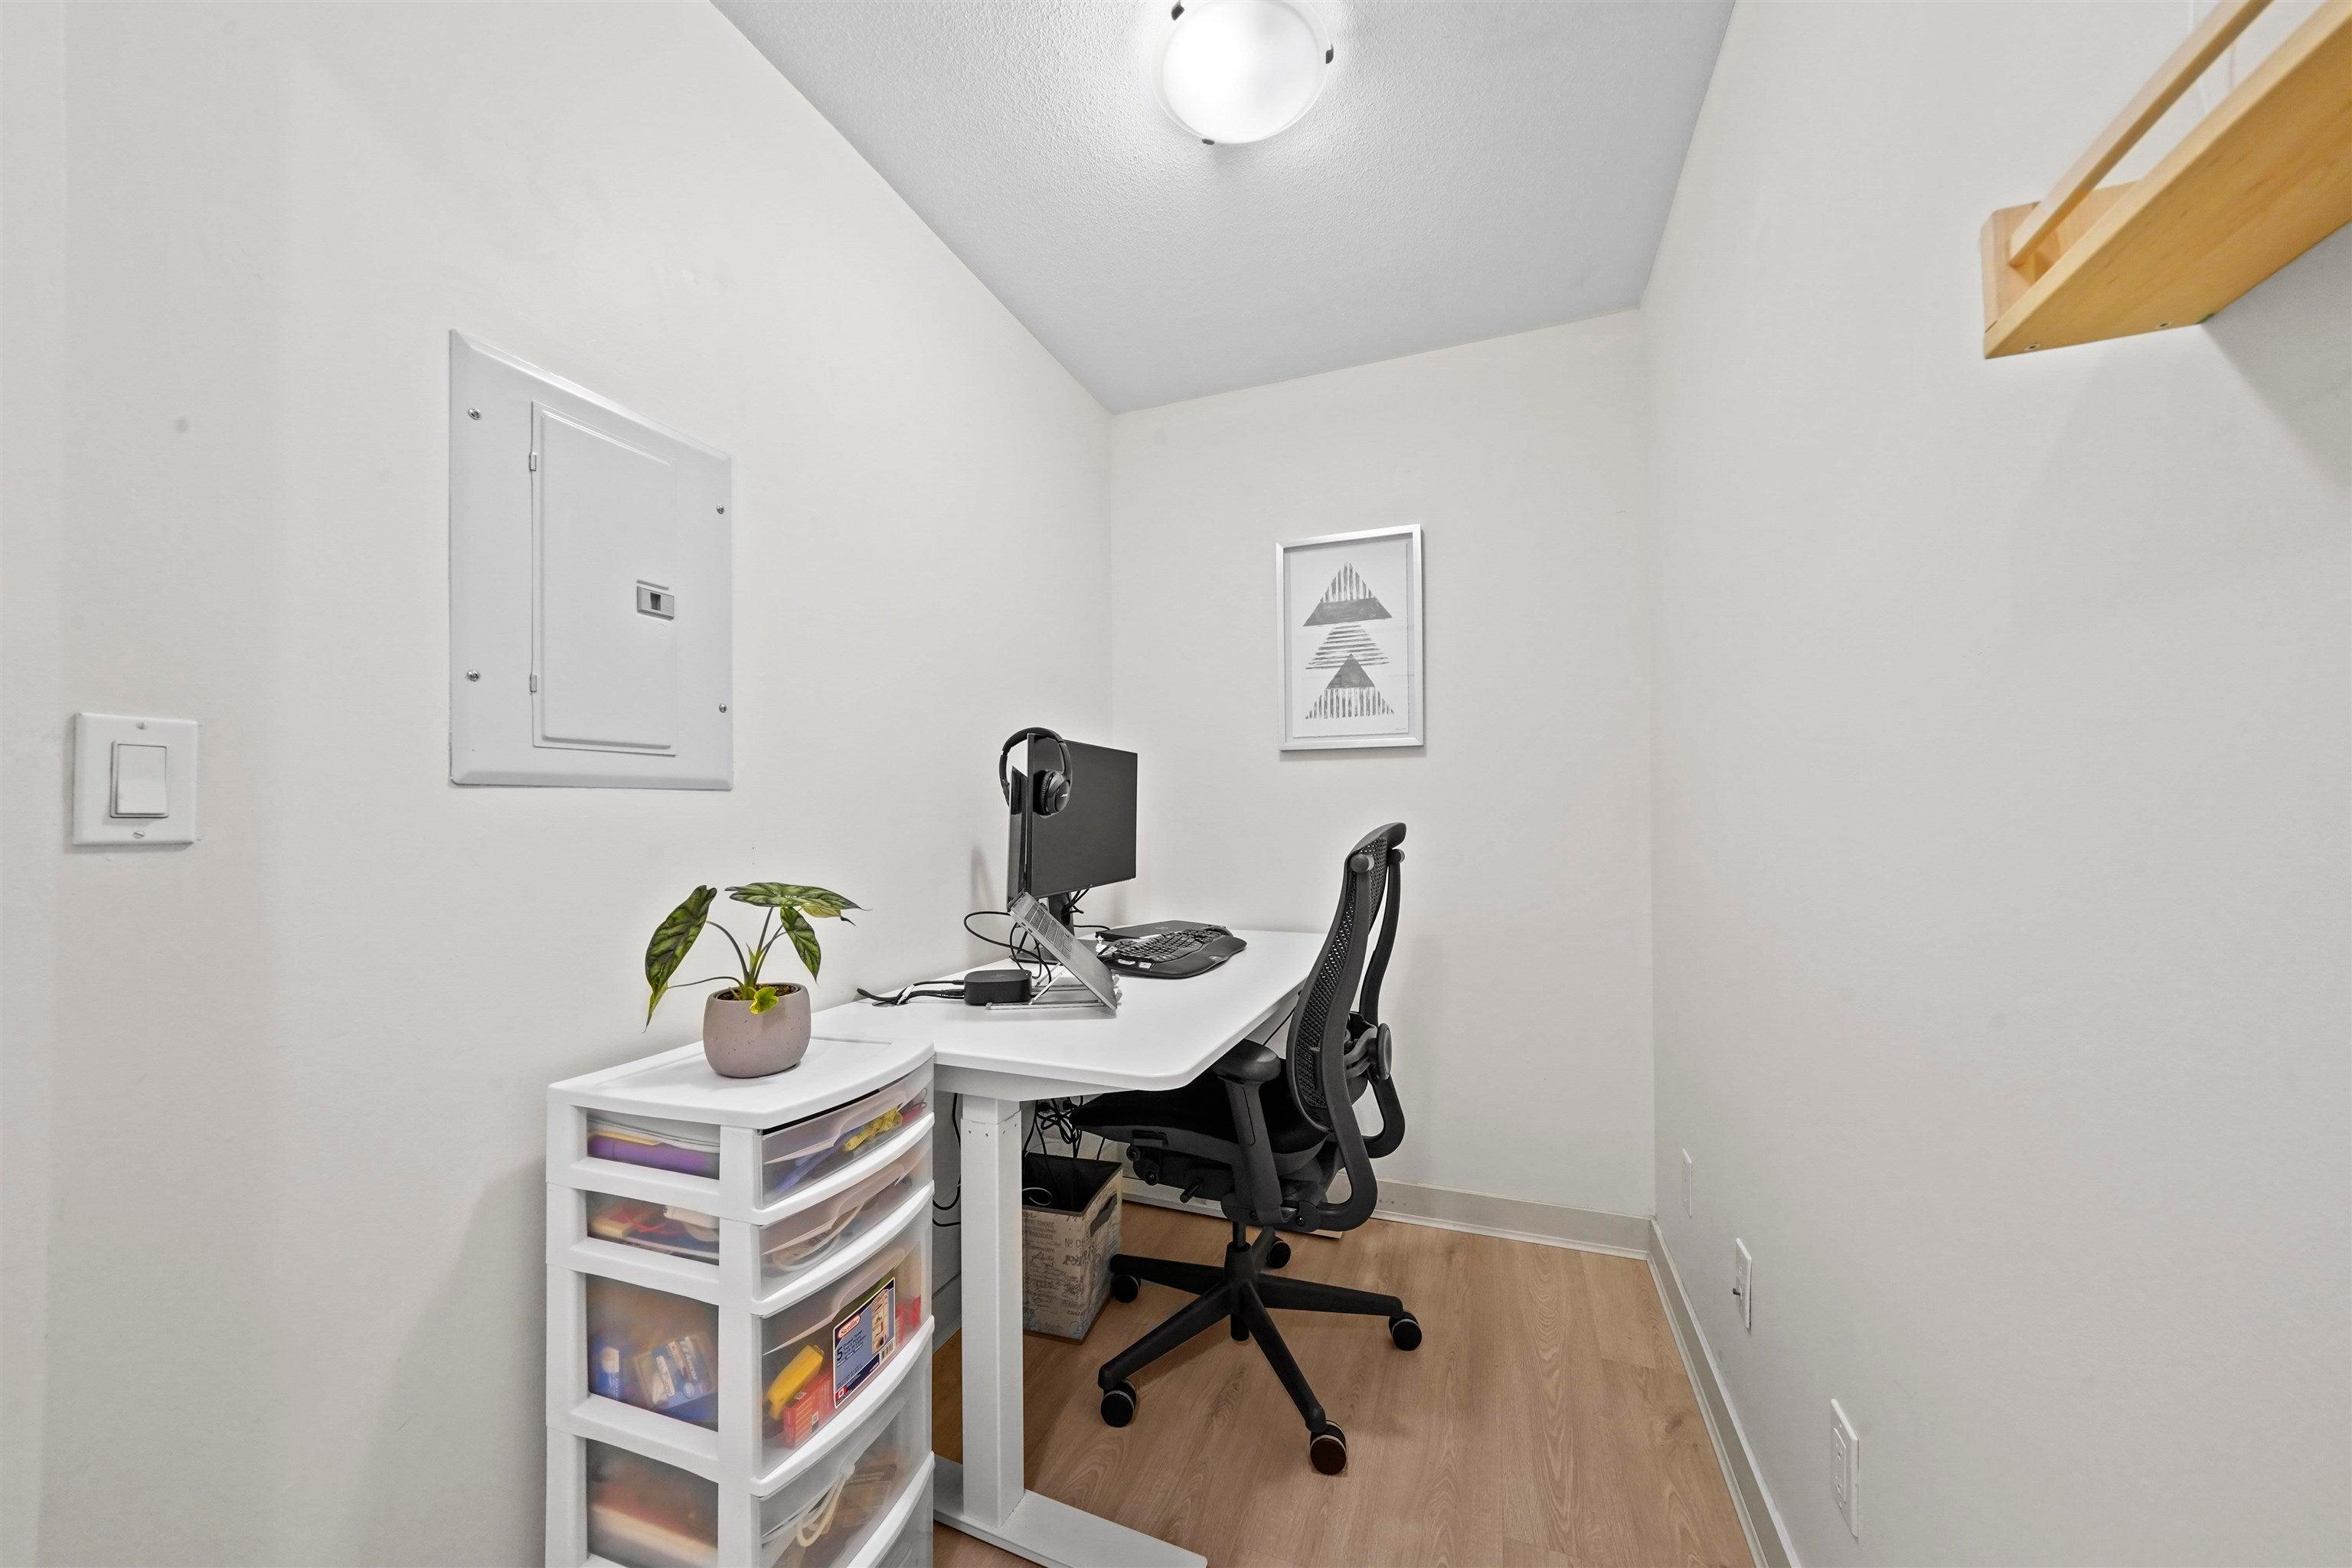 319 1633 MACKAY AVENUE - Pemberton NV Apartment/Condo for sale, 2 Bedrooms (R2624916) - #8